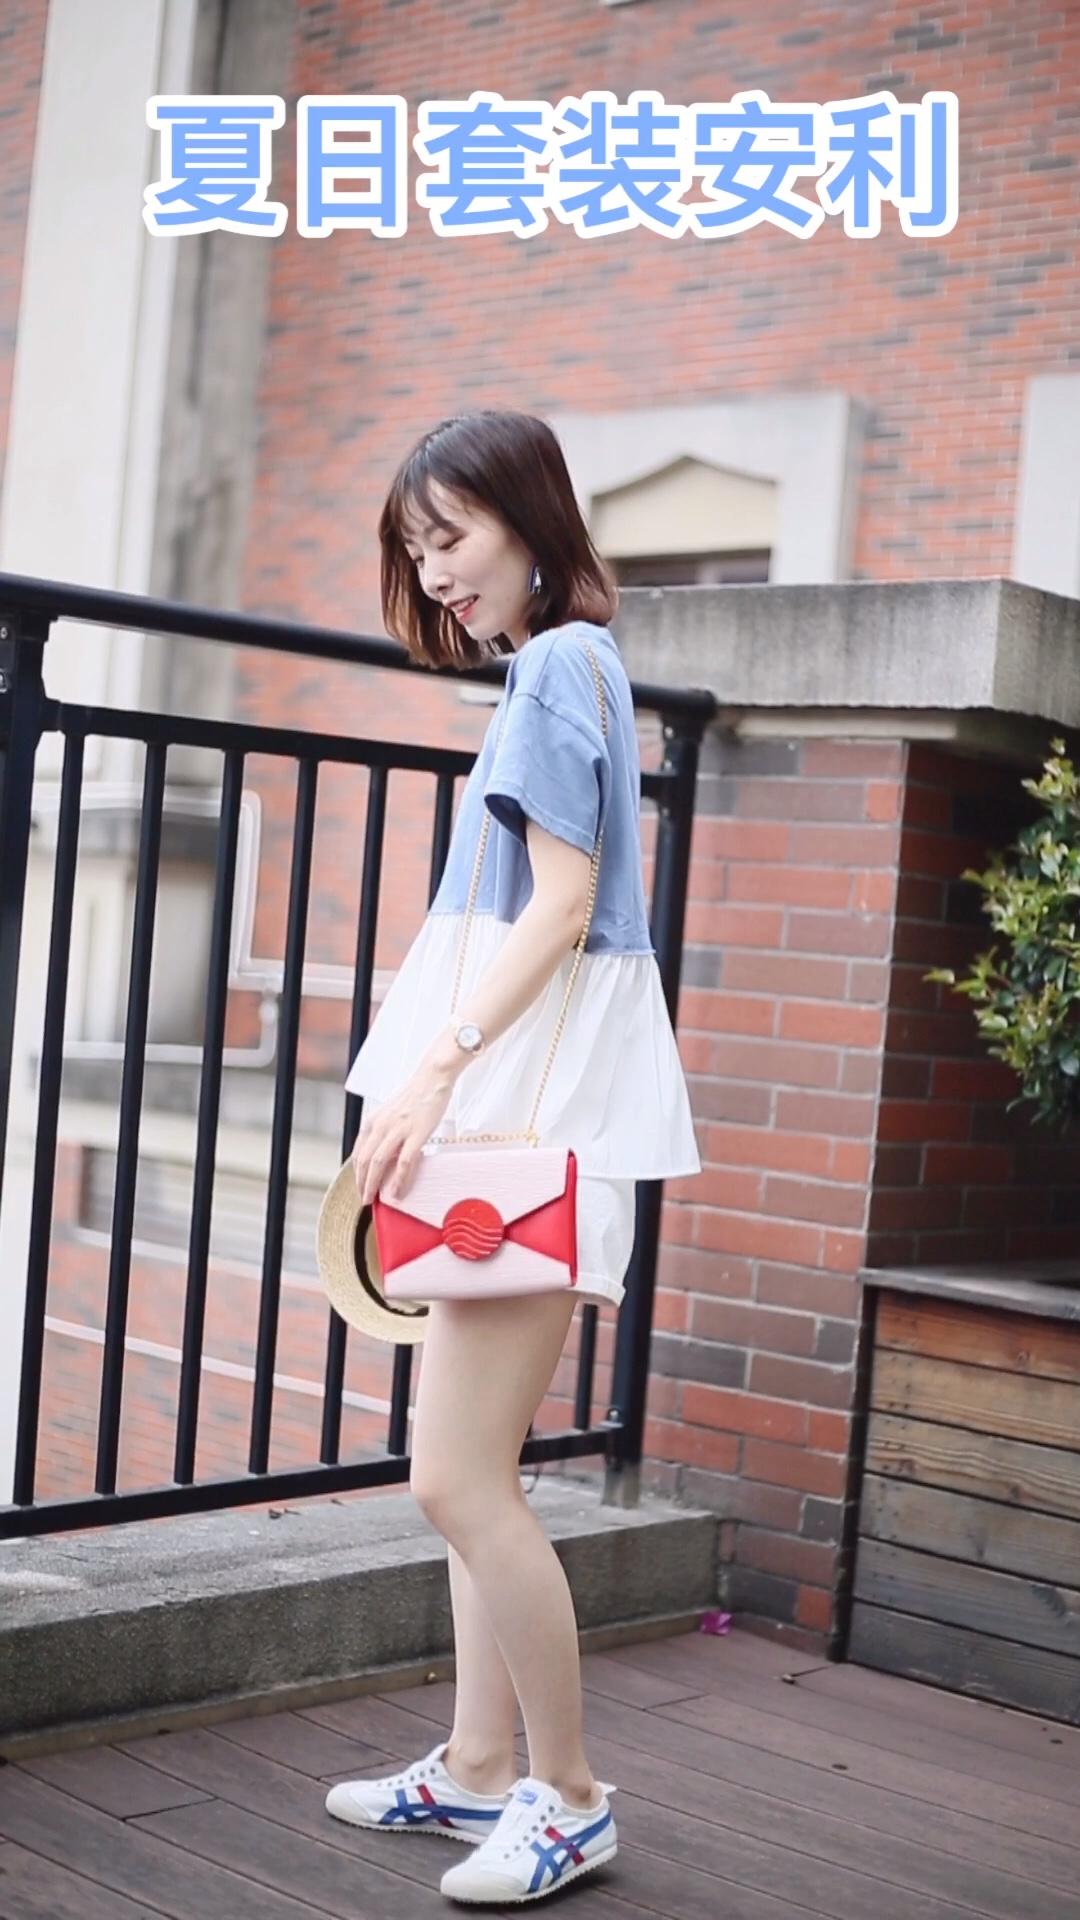 #自带降温体质,薄荷味蓝色安排!# 拼接蓝色t宽松版型舒服休闲 下身搭配简单的白色短裤就很好看 百搭舒适的鬼冢虎图案上的红色呼应包包的色彩 休闲又清新的一套搭配啦~